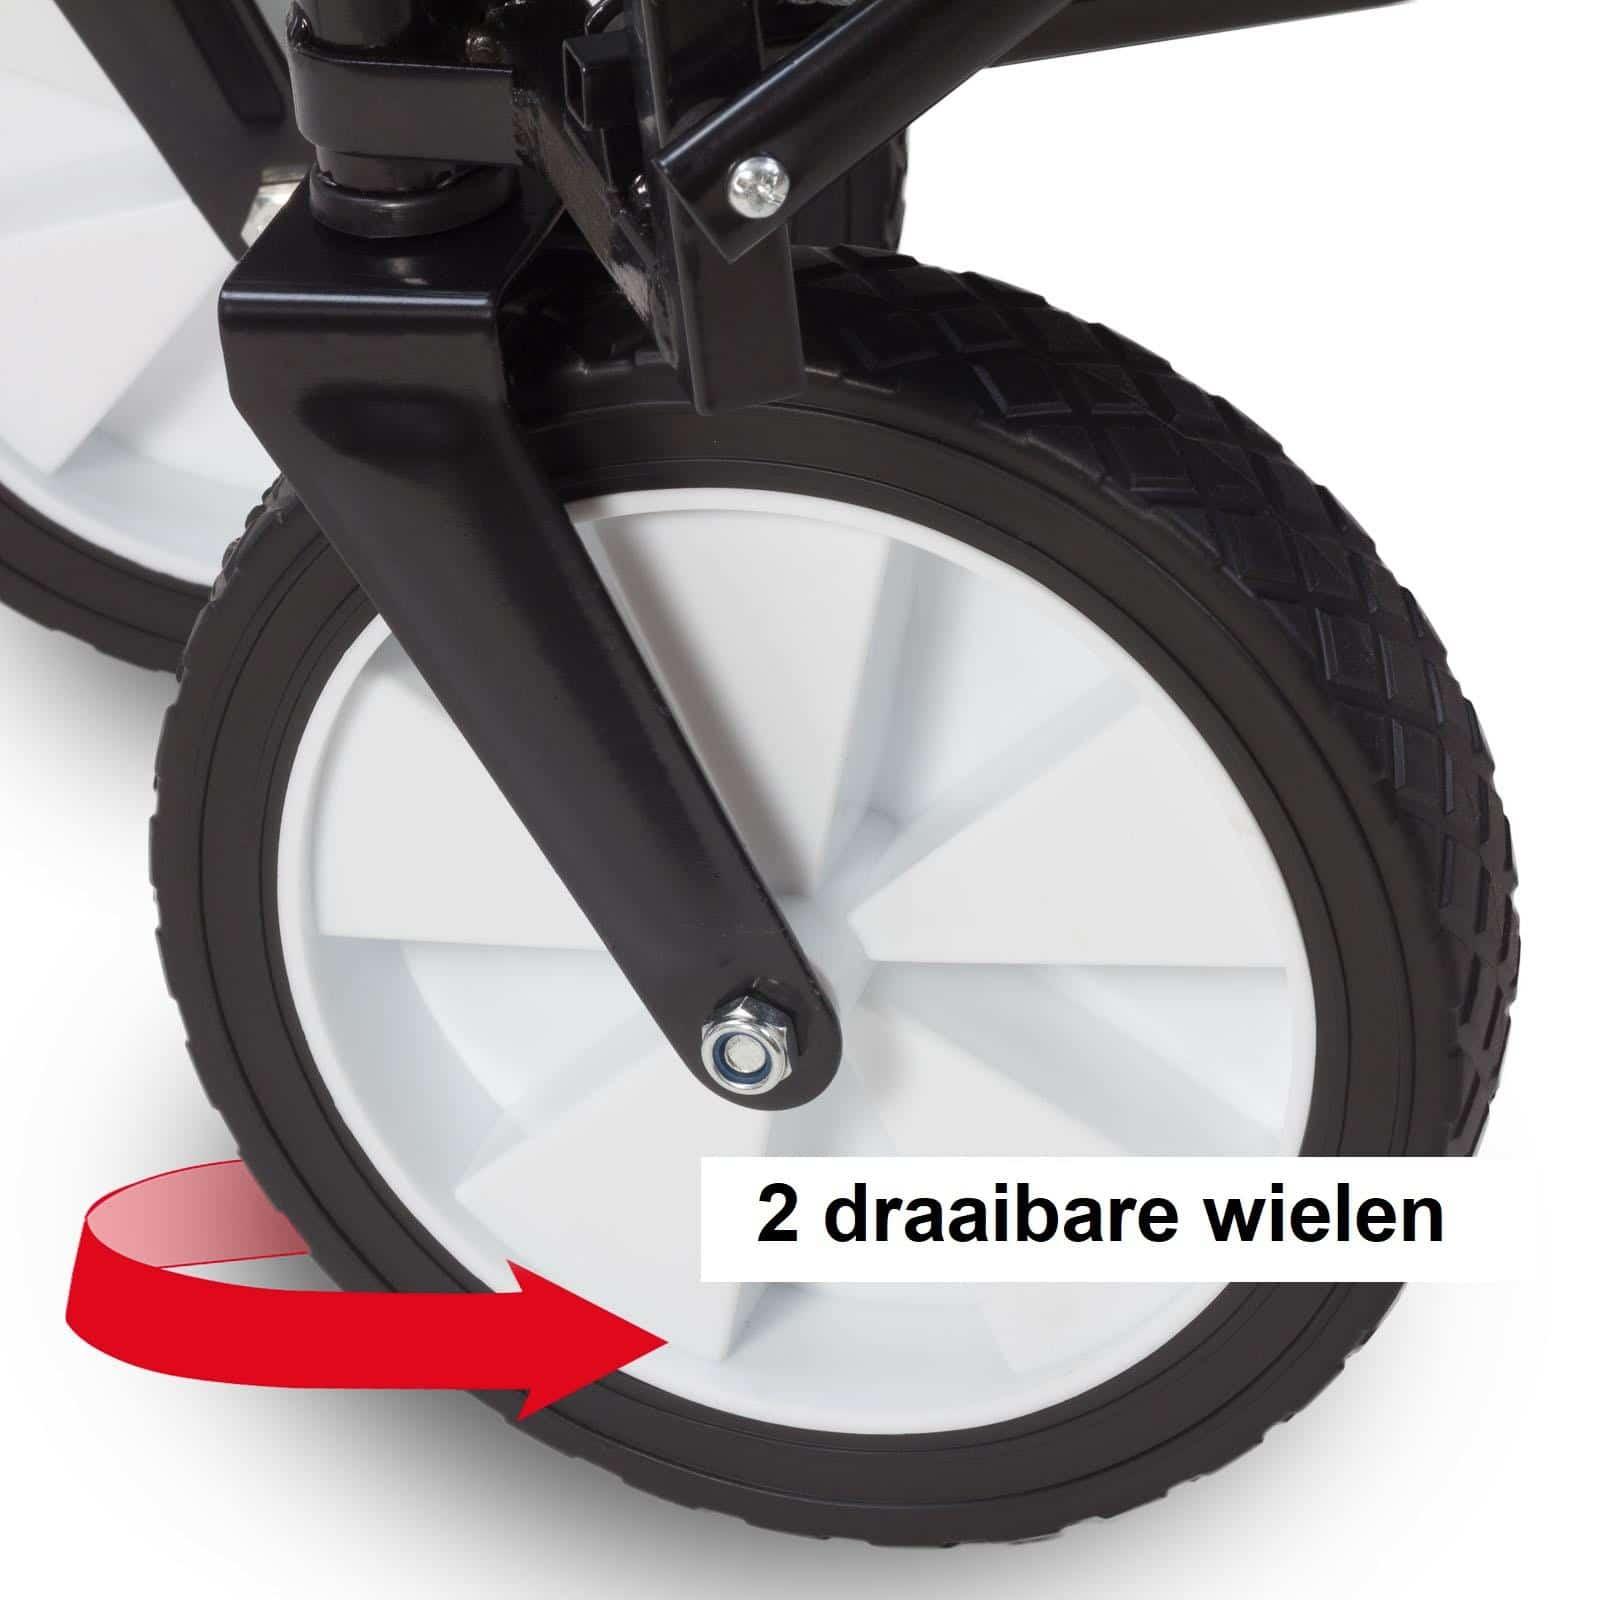 4goodz Opvouwbare Bolderkar - Bolderwagen 97x61x59cm - Grijs